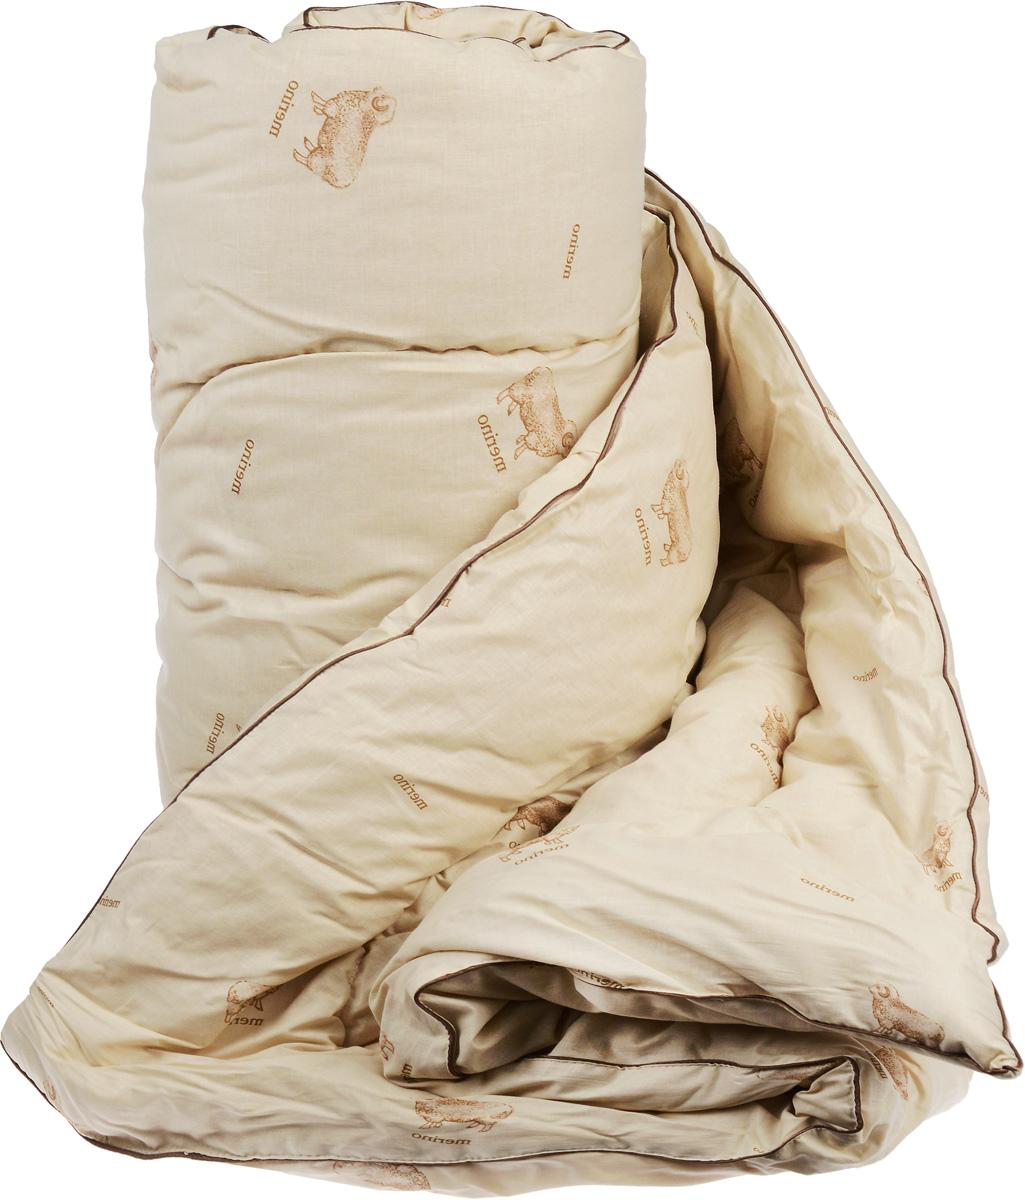 Одеяло теплое Легкие сны Полли, наполнитель: овечья шерсть, 200 x 220 см200(32)04-ОШТеплое стеганое одеяло Легкие сны Полли с наполнителем изовечьей шерсти расслабит, снимет усталость иподарит вам спокойный и здоровый сон. Шерстяные волокна, получаемые из овечьей шерсти, имеют полую структуру, придающуюизделиям высокую износоустойчивость.Чехол одеяла, выполненный из 100% хлопка.Одеяло простегано. Стежка надежноудерживает наполнитель внутри и не позволяет емускатываться. Рекомендации по уходу: Отбеливание, стирка, барабанная сушка и глажка запрещены.Разрешается химчистка.